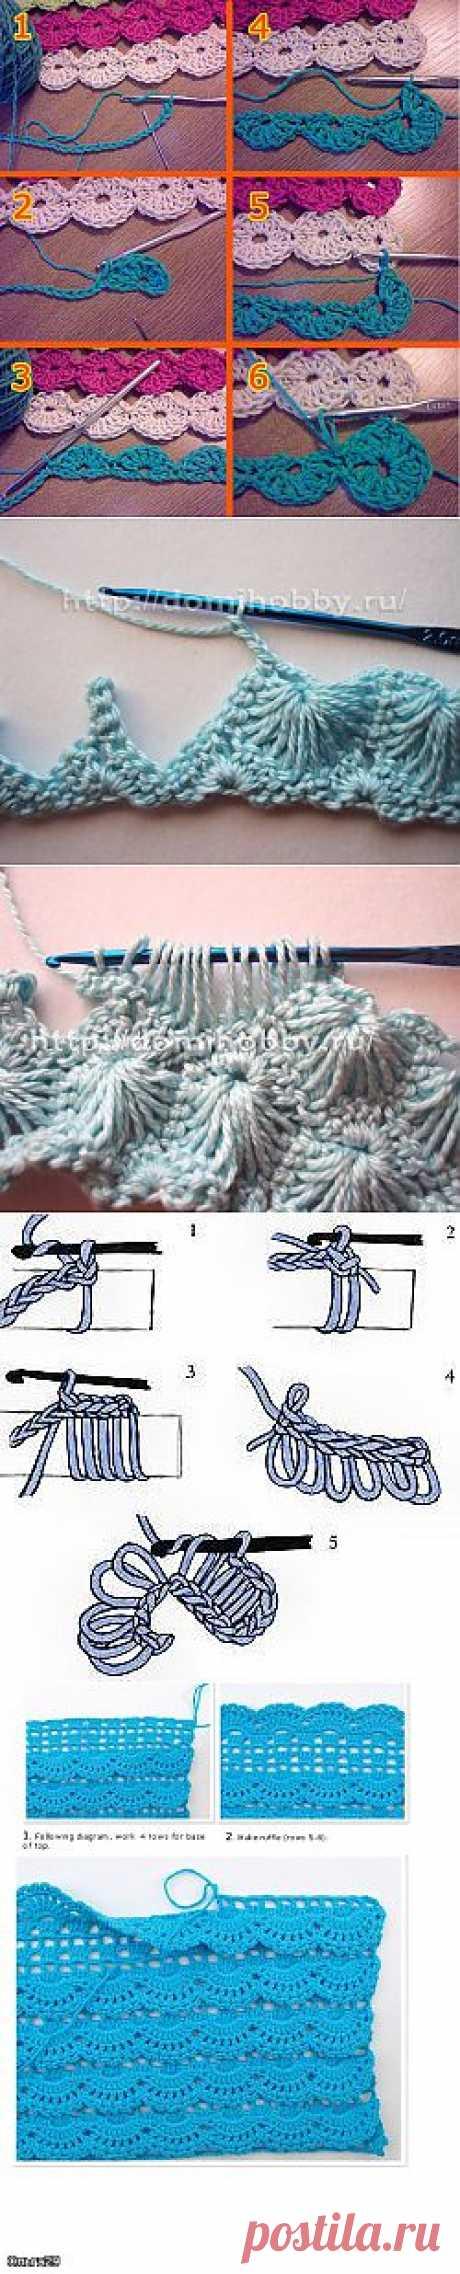 Красивые стежки для вязания крючком..